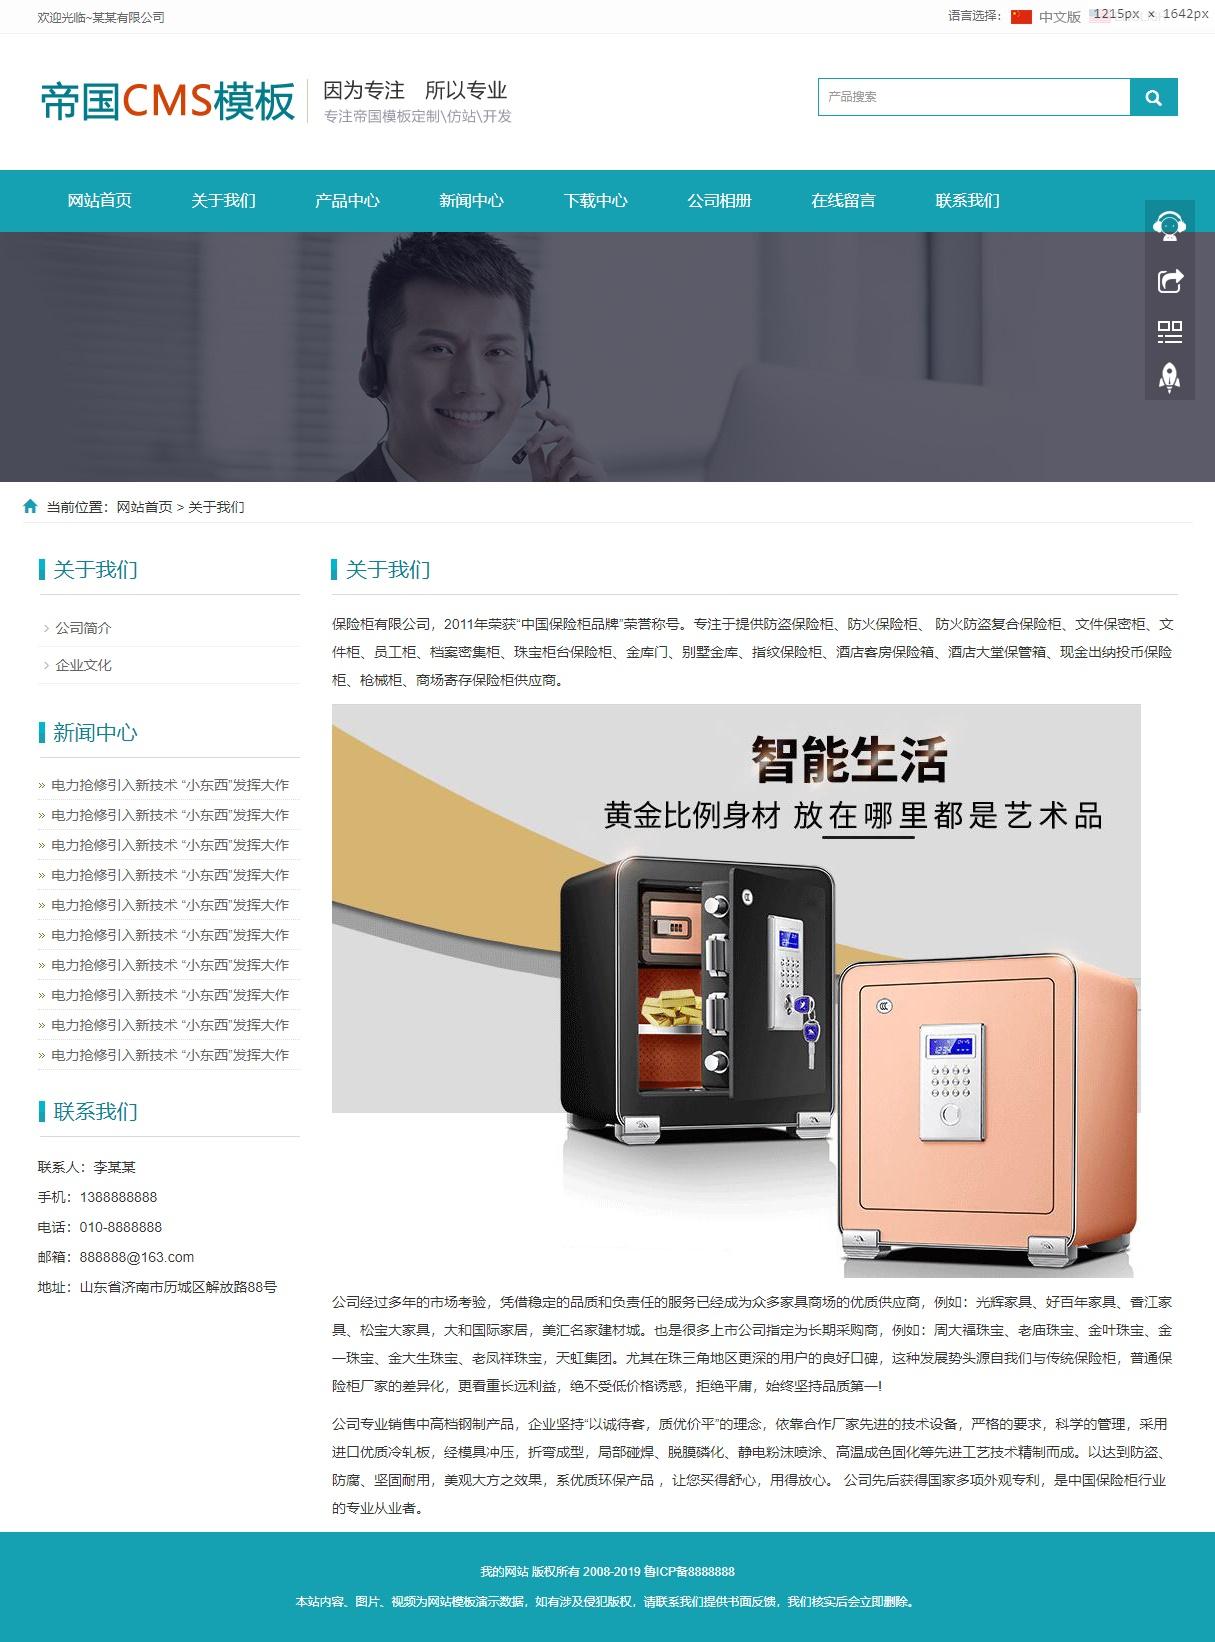 帝国cms模板之公司企业中英文双语版自适应响应式手机网站模板_单页